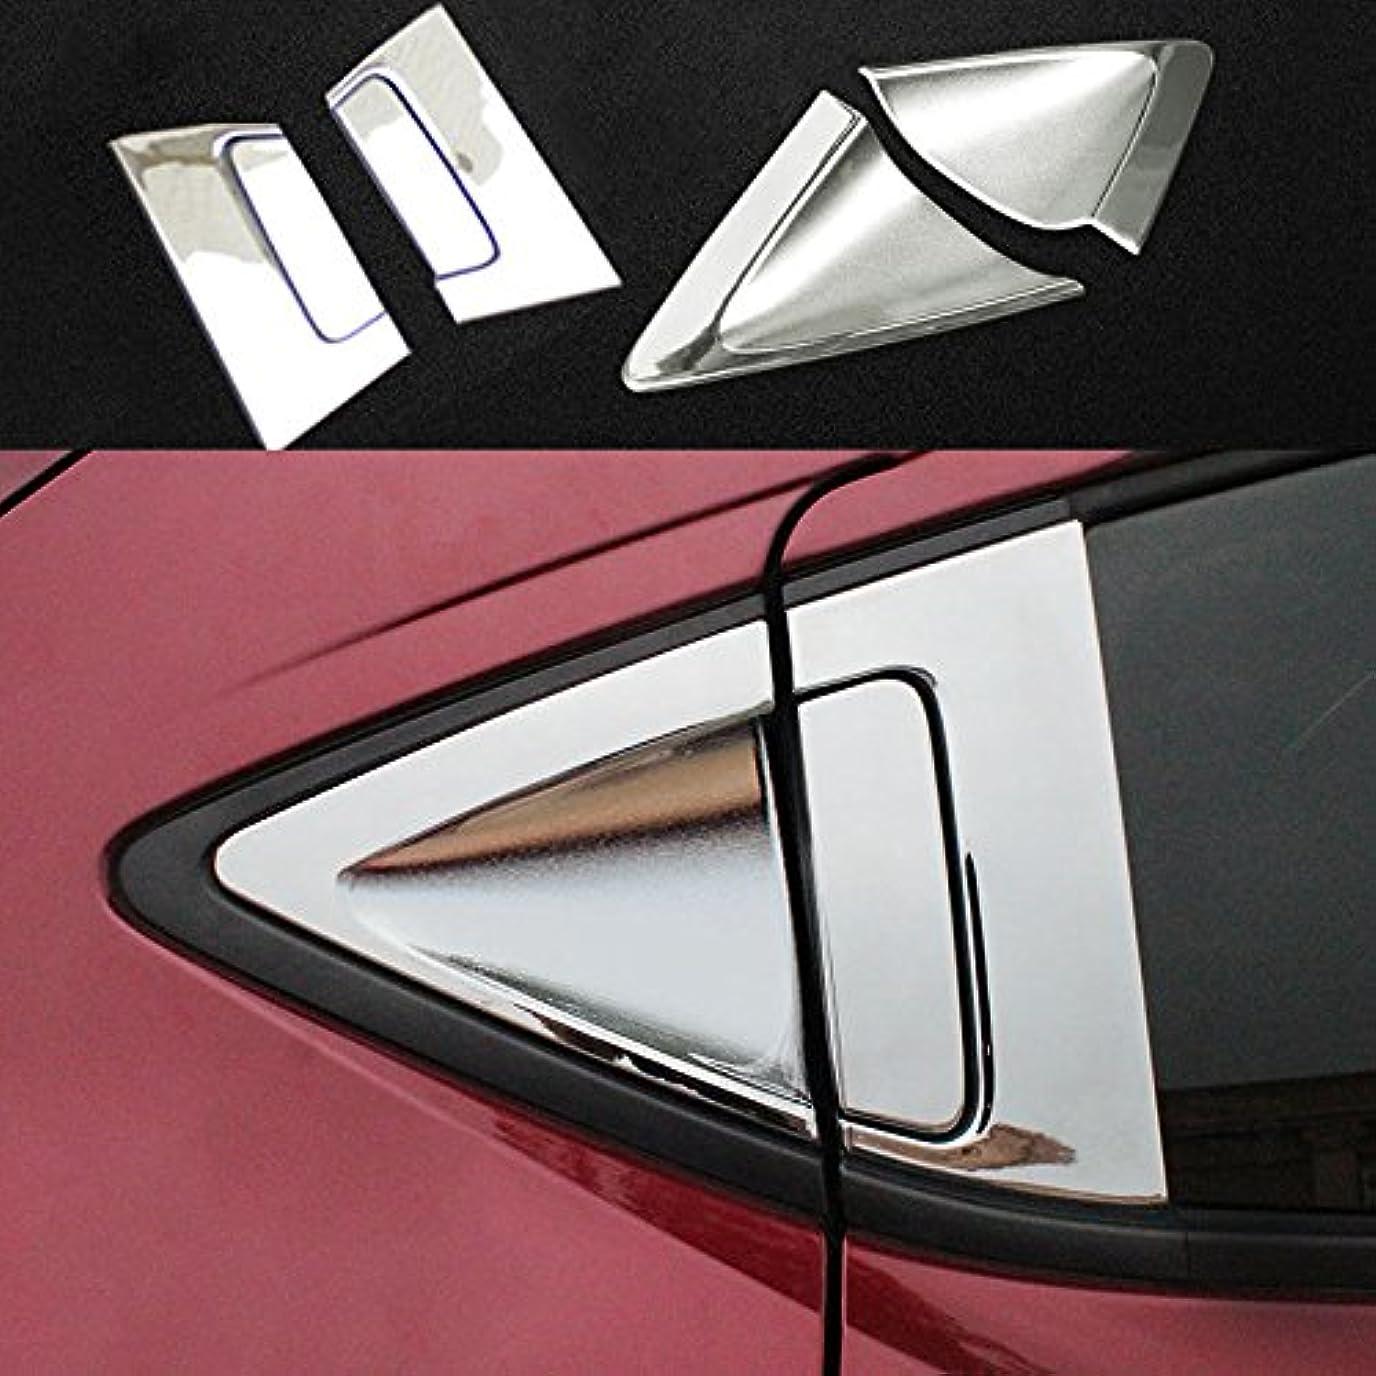 ティームミニチュア先例Jicorzo - ABSクローム車のリアのドアホンダHRV HRV 2014-2018カーエクステリアアクセサリースタイリングのためにボウルカバートリムガーニッシュハンドル